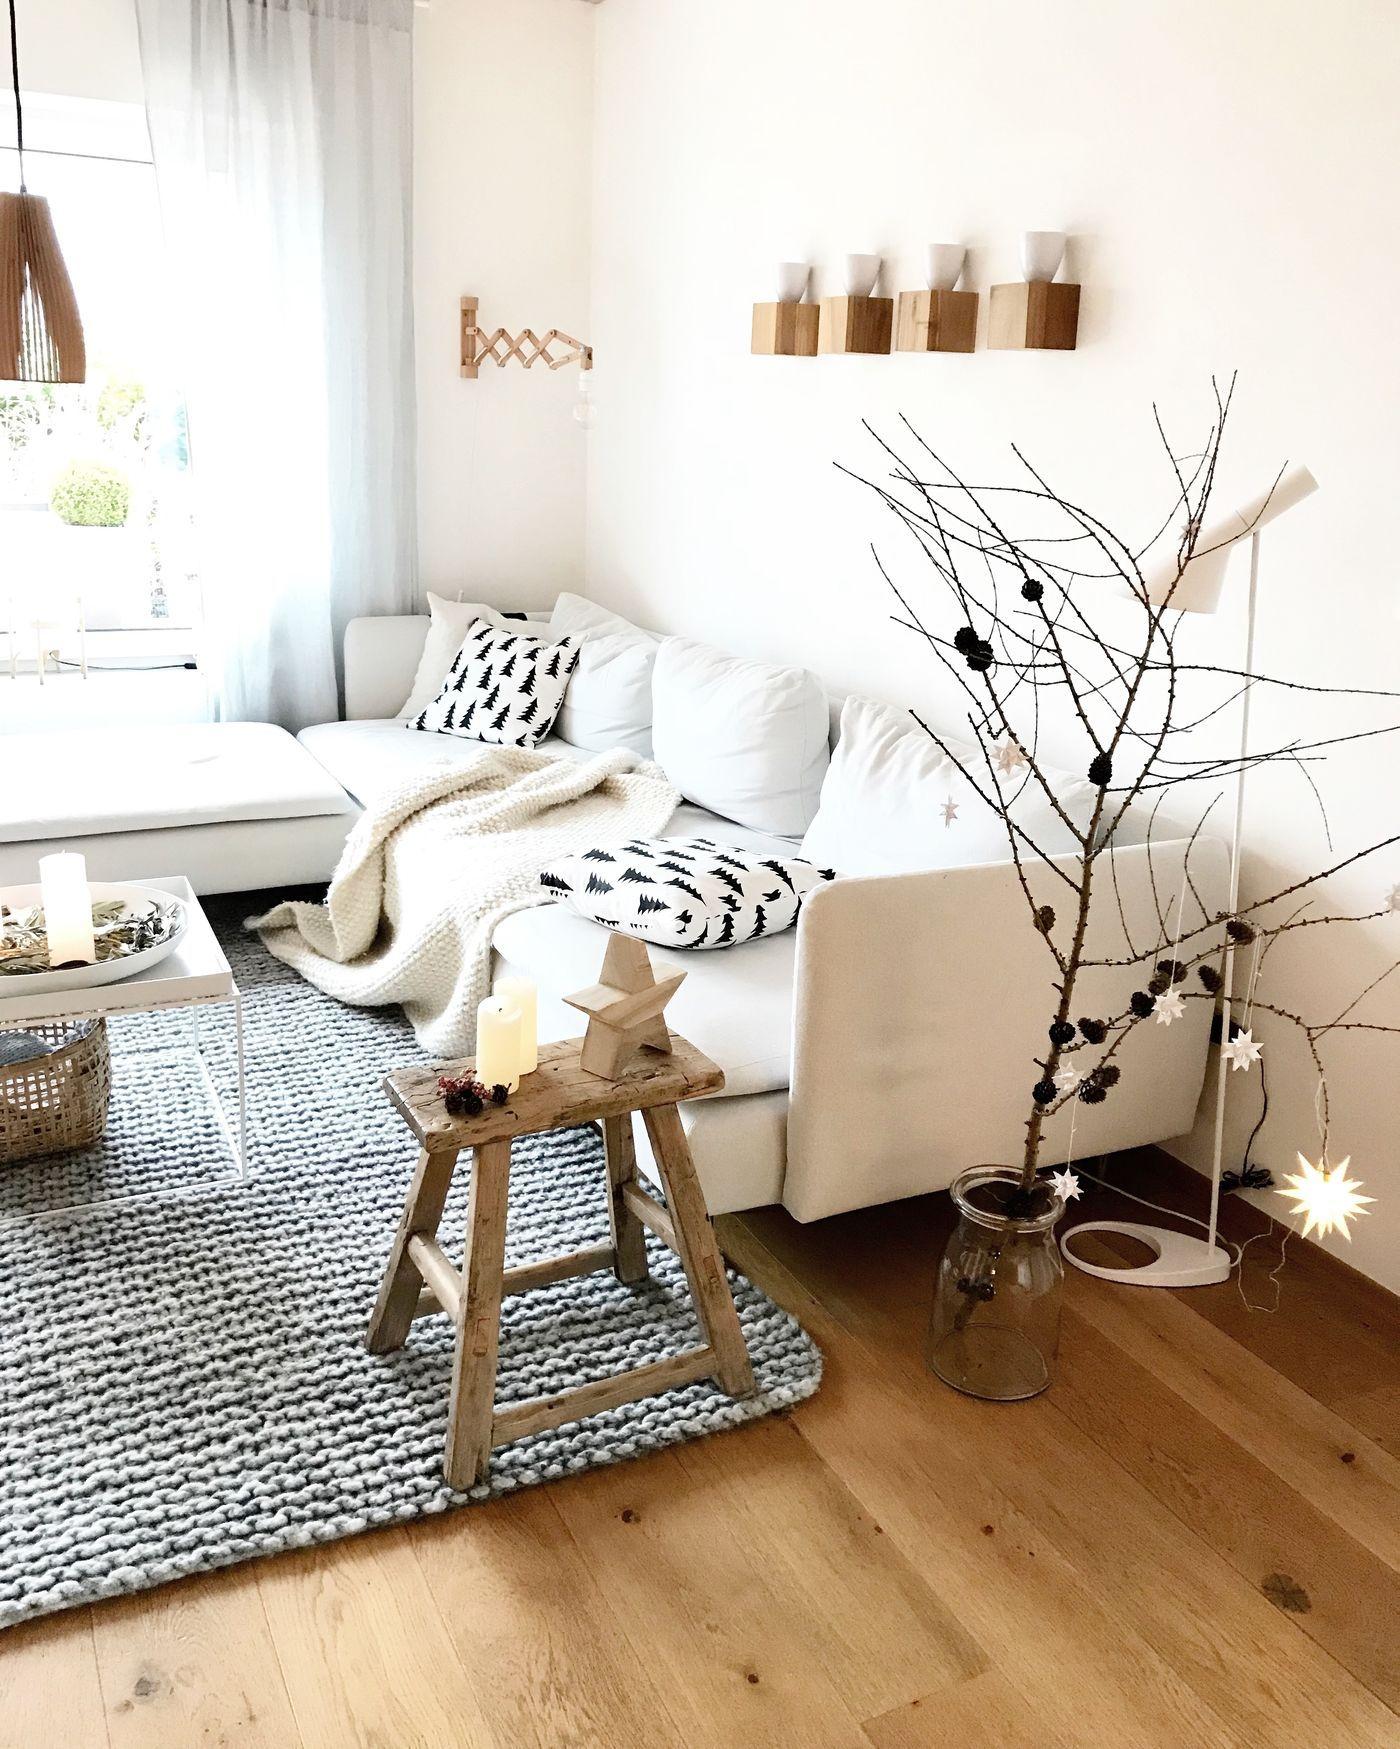 Wohnzimmer Skandinavisches Design: Skandinavische Wohnzimmer: Einrichtungstipps Und Ideen